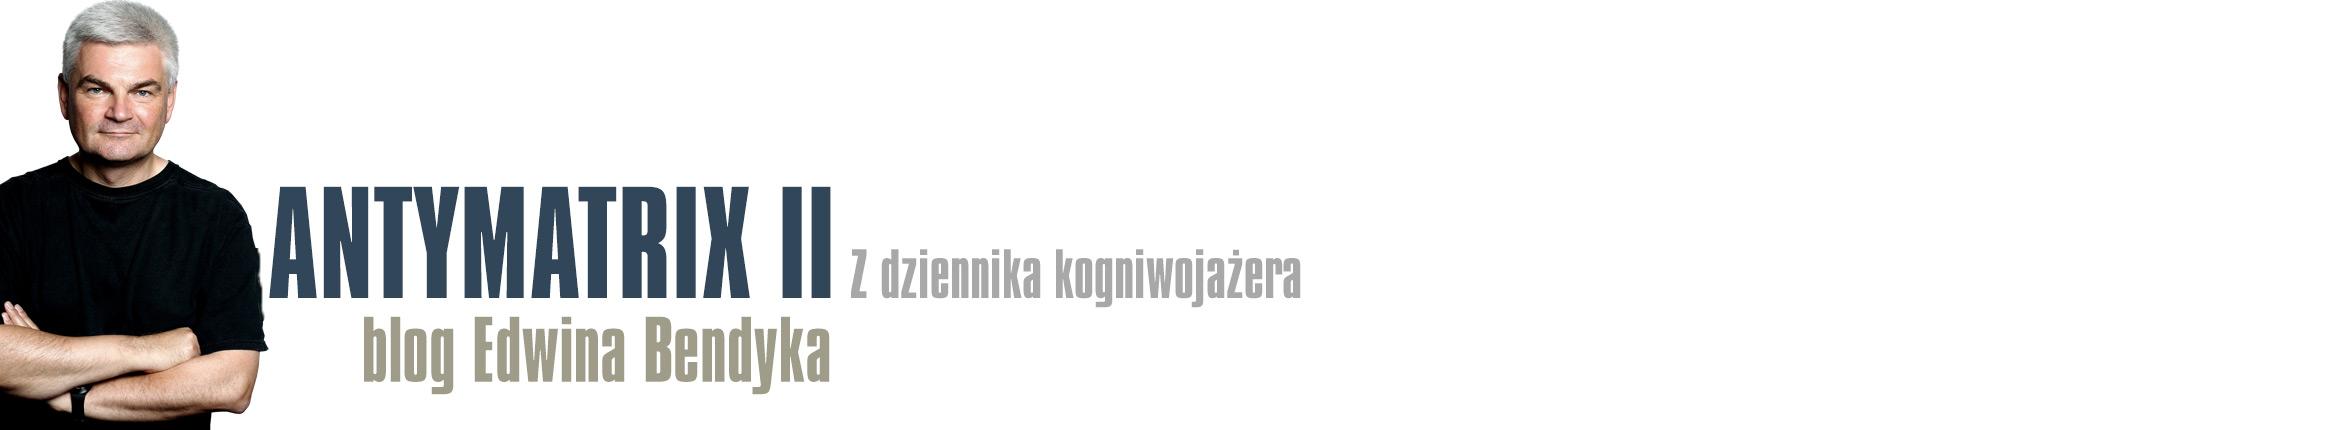 Antymatrix - blog Edwina Bendyka